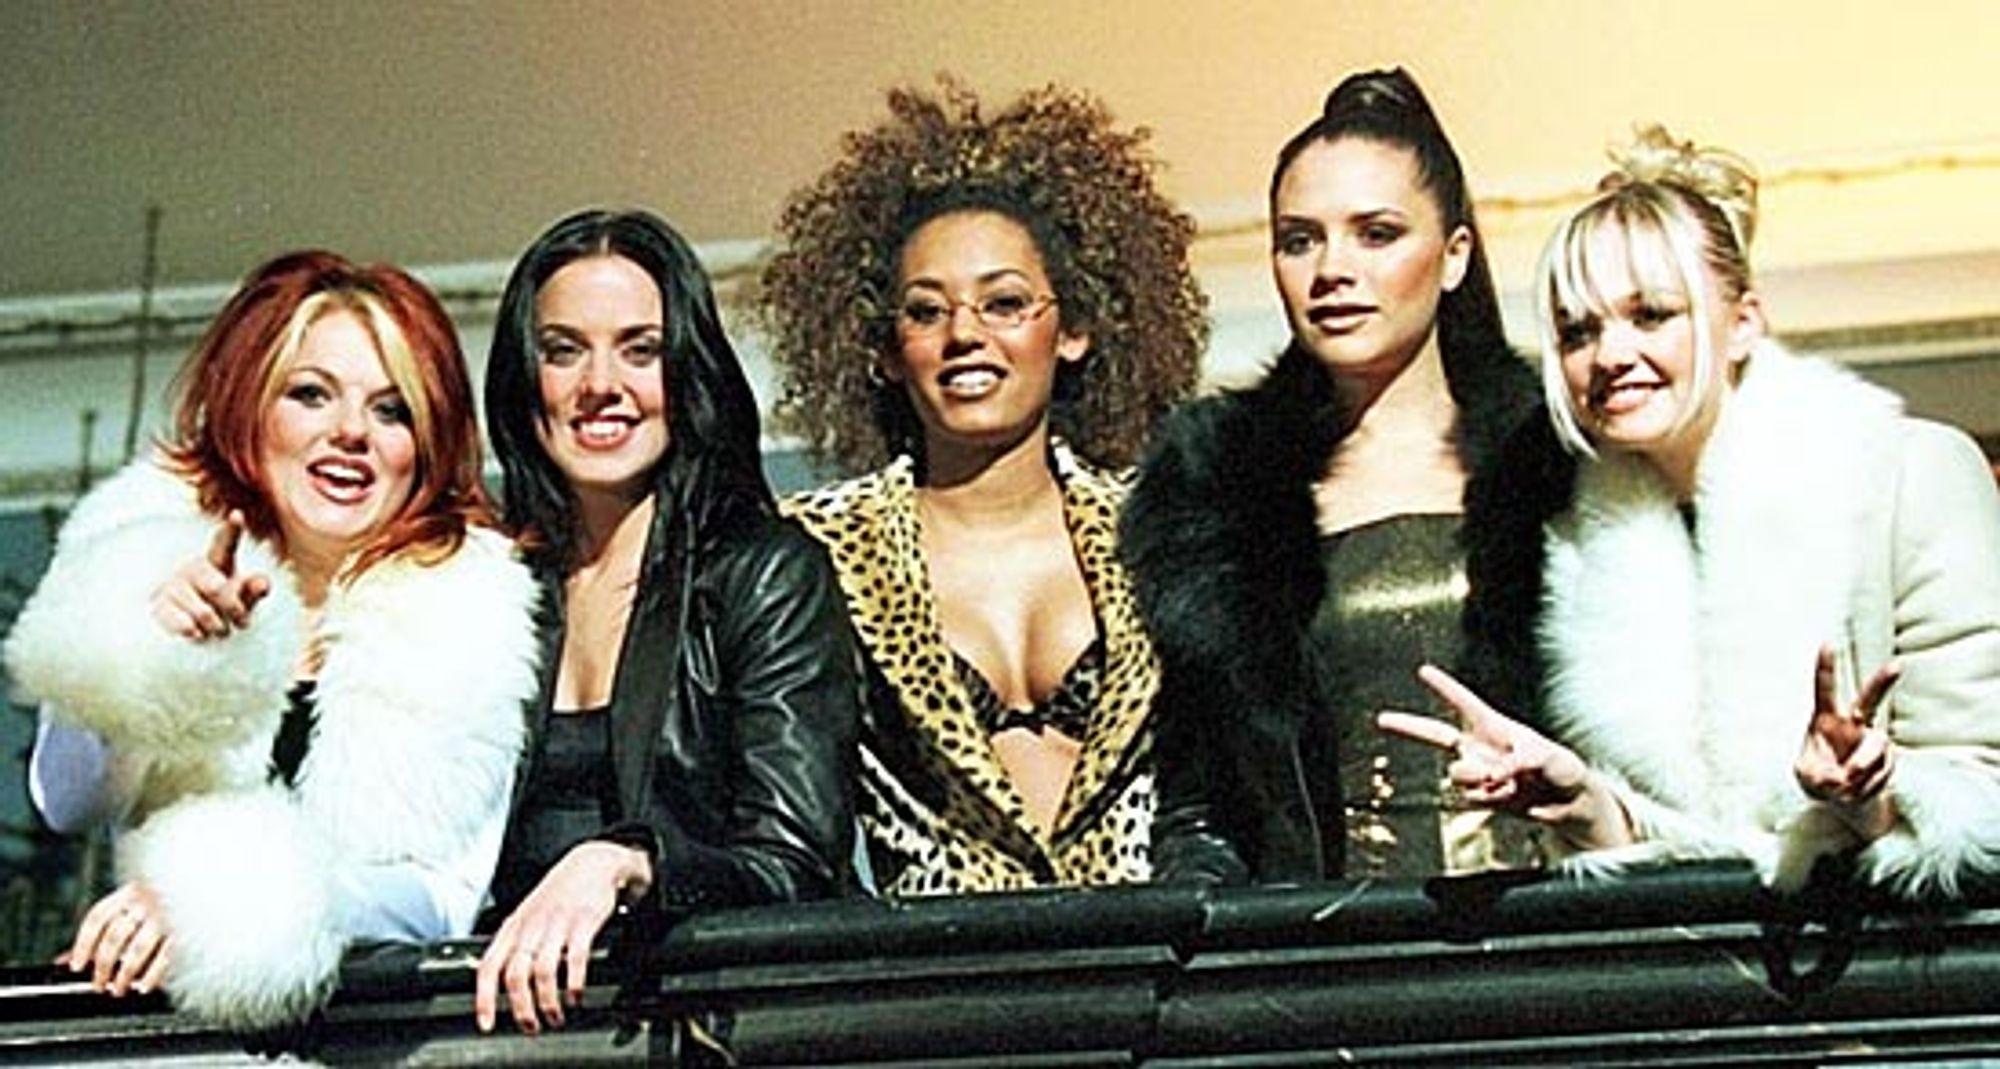 Girl Power er på vei tilbake. Spice Girls er fortsatt populære etter mange års fravær, om vi skal ta tempoet på billettsalget som en indikasjon.